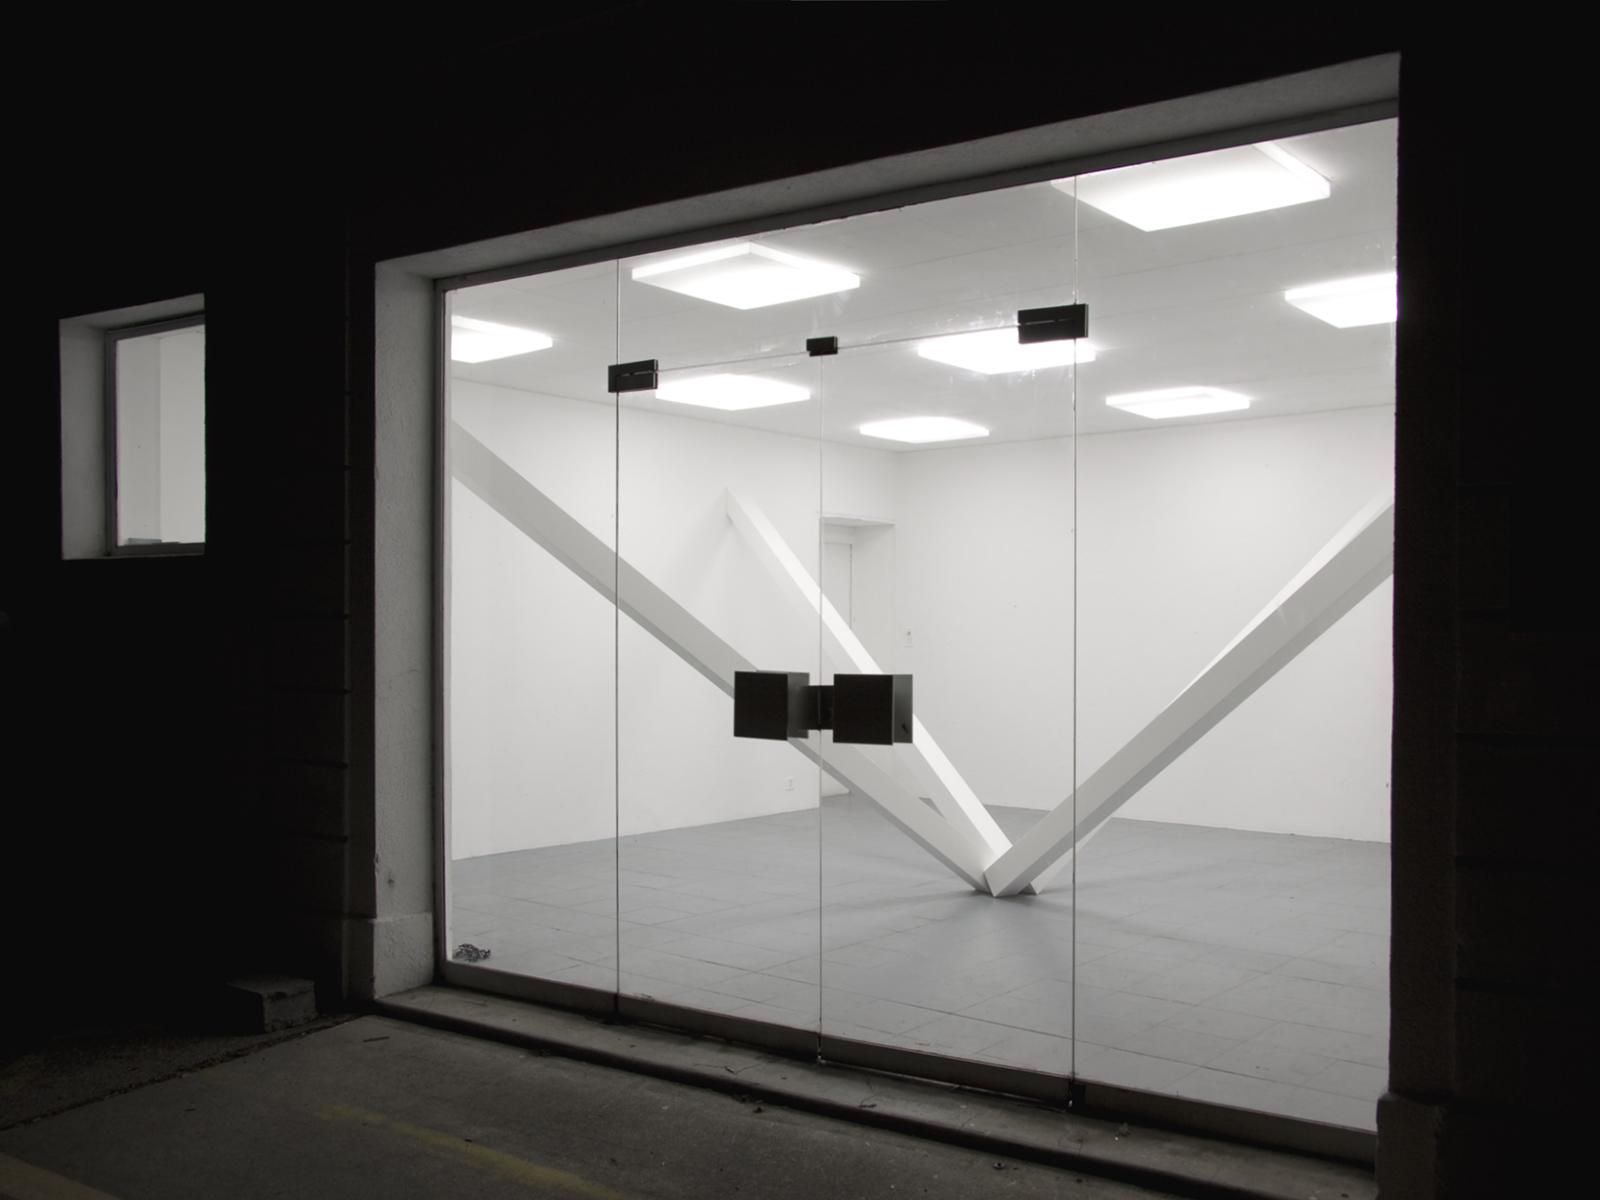 Benoit-Delaunay-artiste-installations-2010-Une Sculpture-08